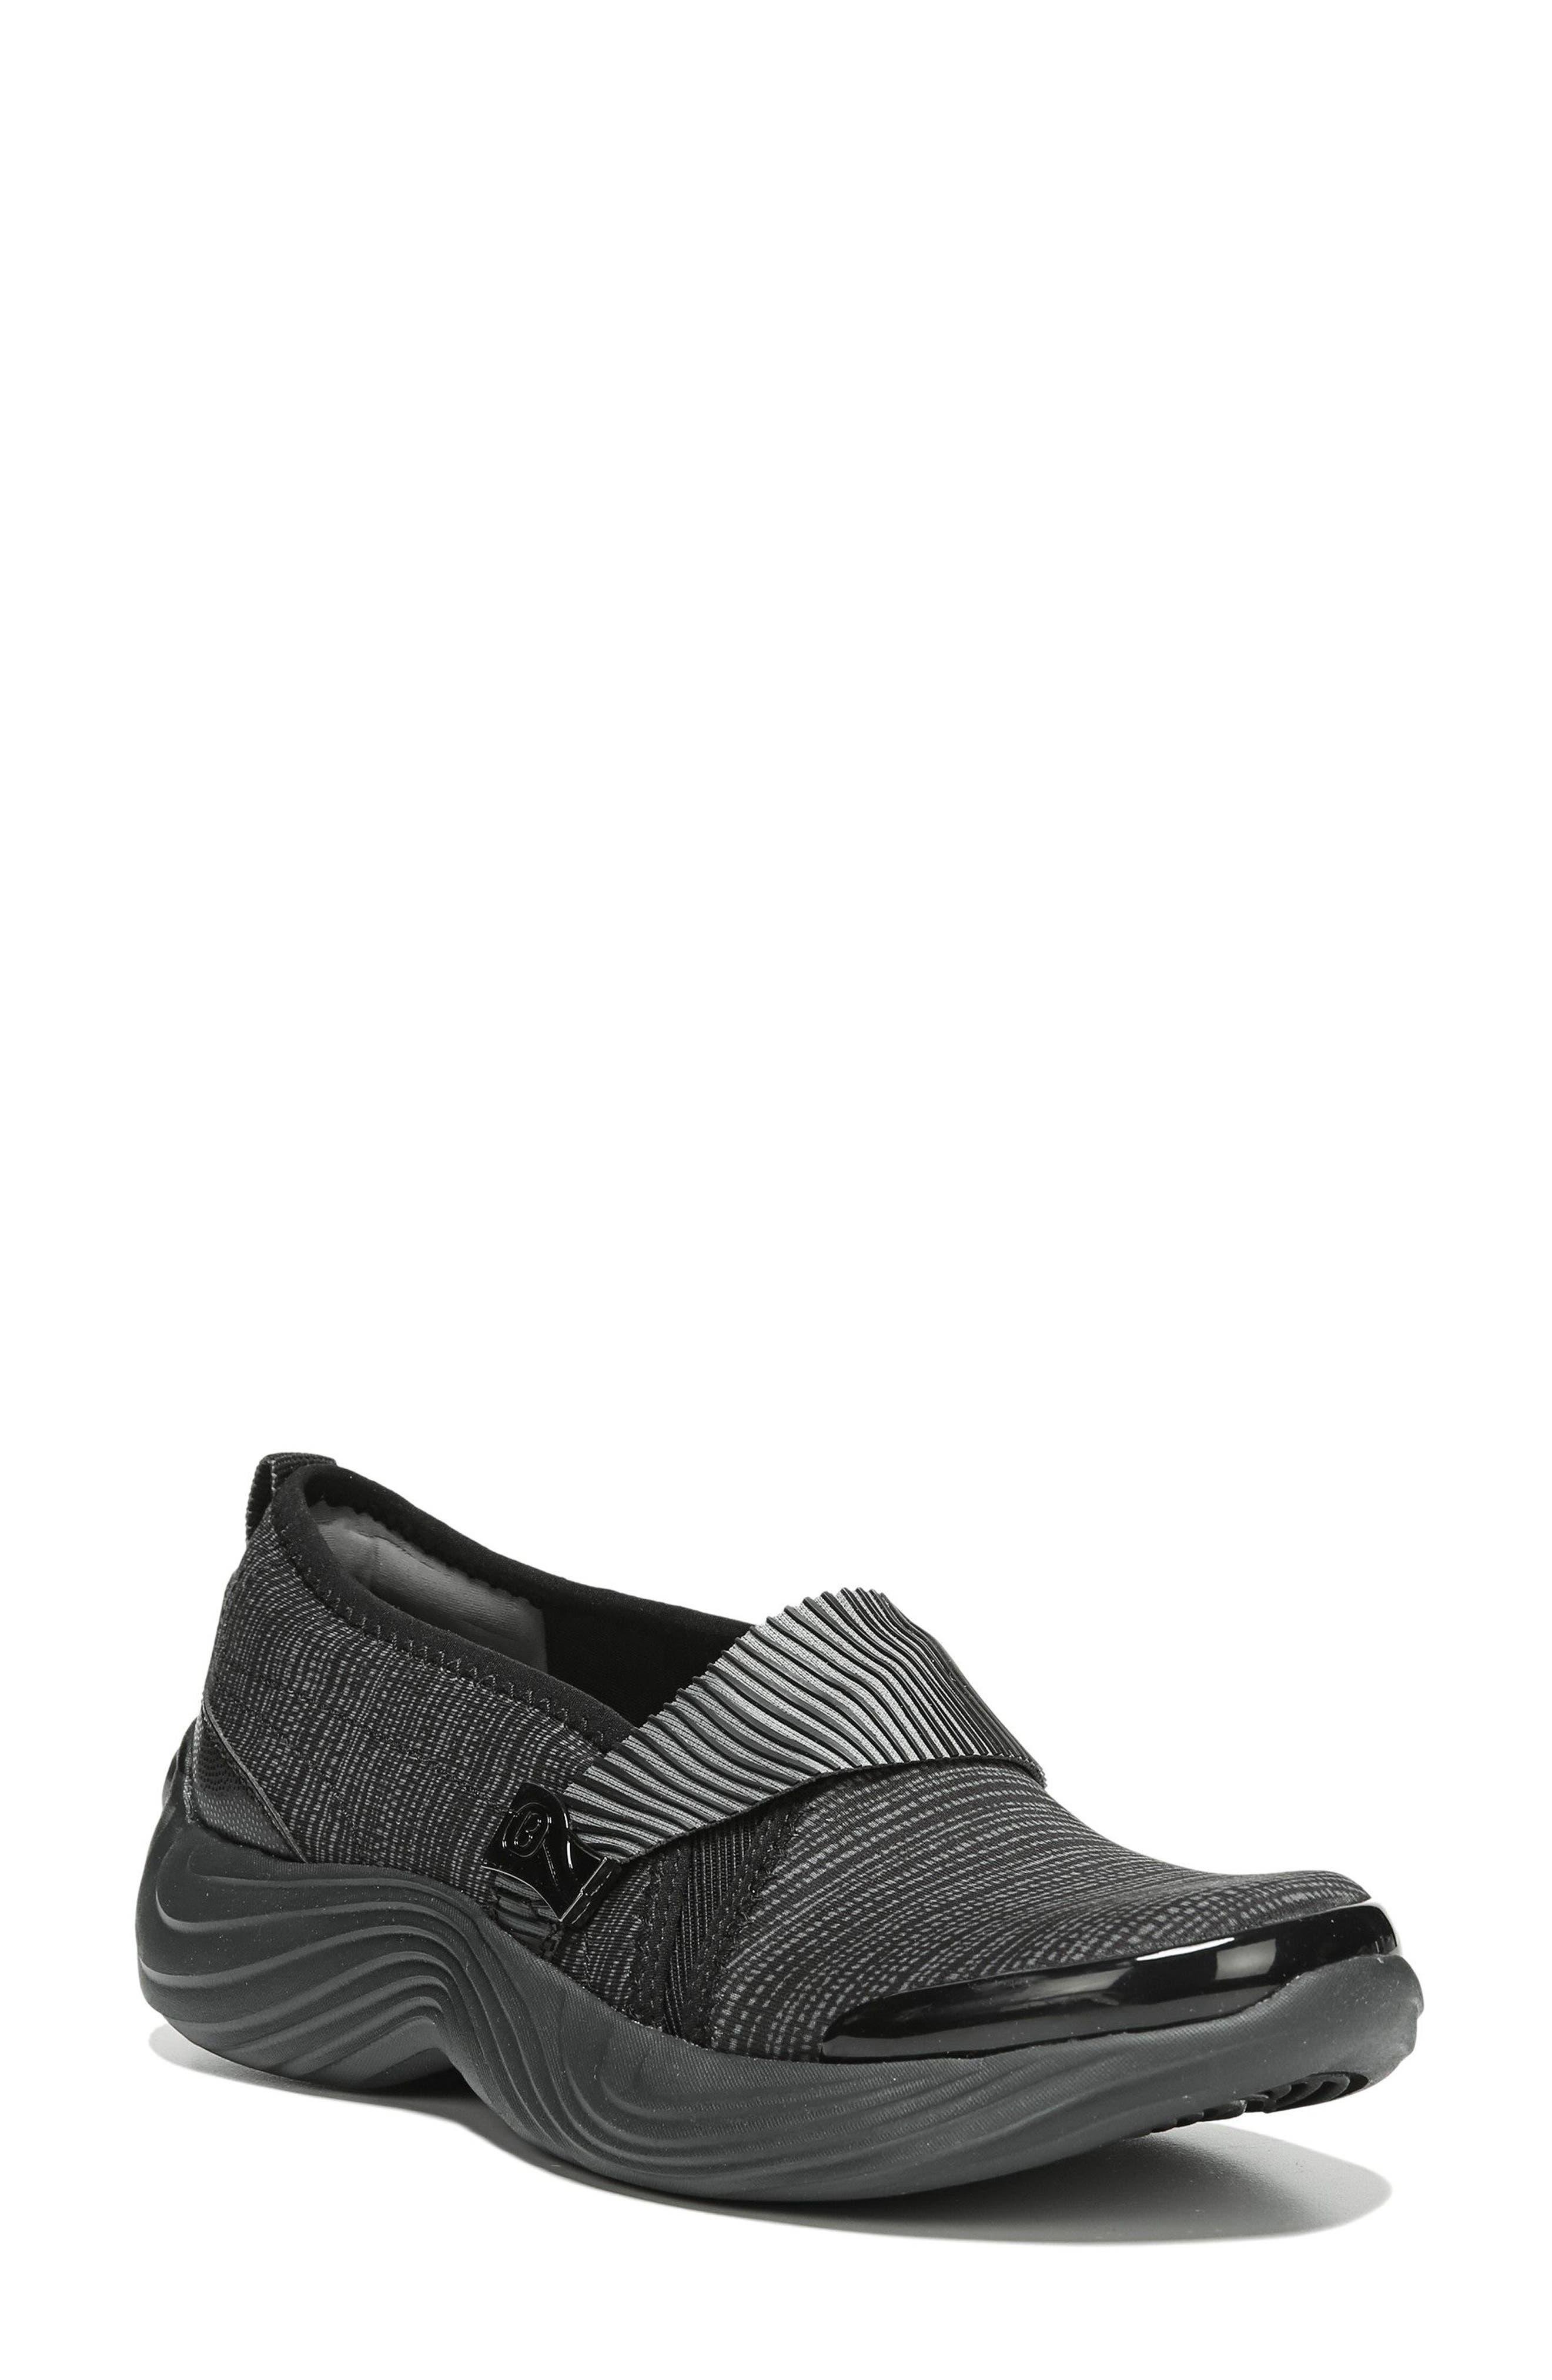 Tanza Slip-On,                         Main,                         color, BLACK FABRIC